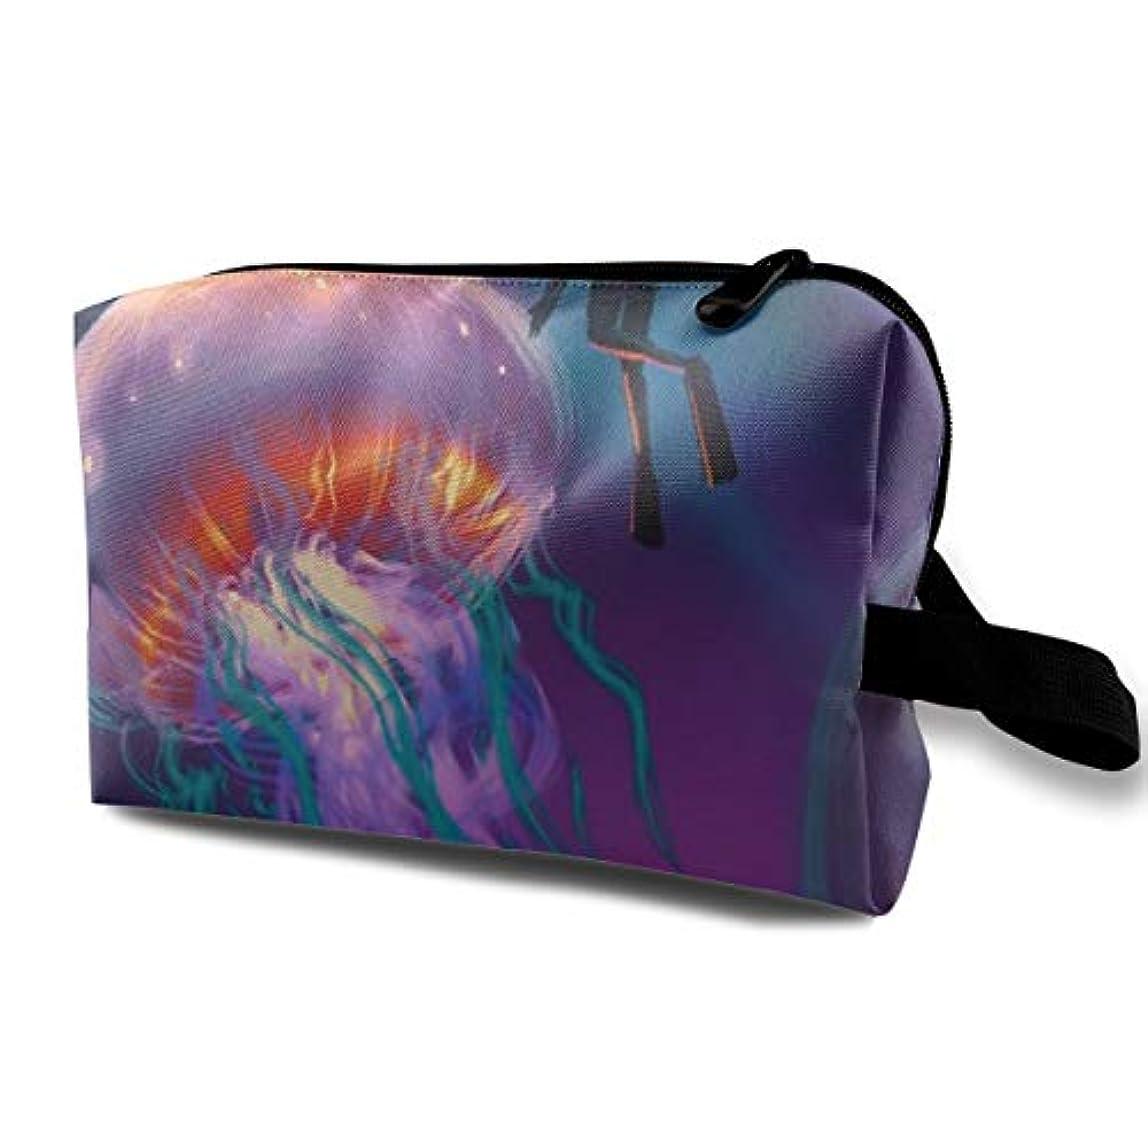 ロビーイチゴソブリケットColourful Fantasy Jellyfish 収納ポーチ 化粧ポーチ 大容量 軽量 耐久性 ハンドル付持ち運び便利。入れ 自宅?出張?旅行?アウトドア撮影などに対応。メンズ レディース トラベルグッズ